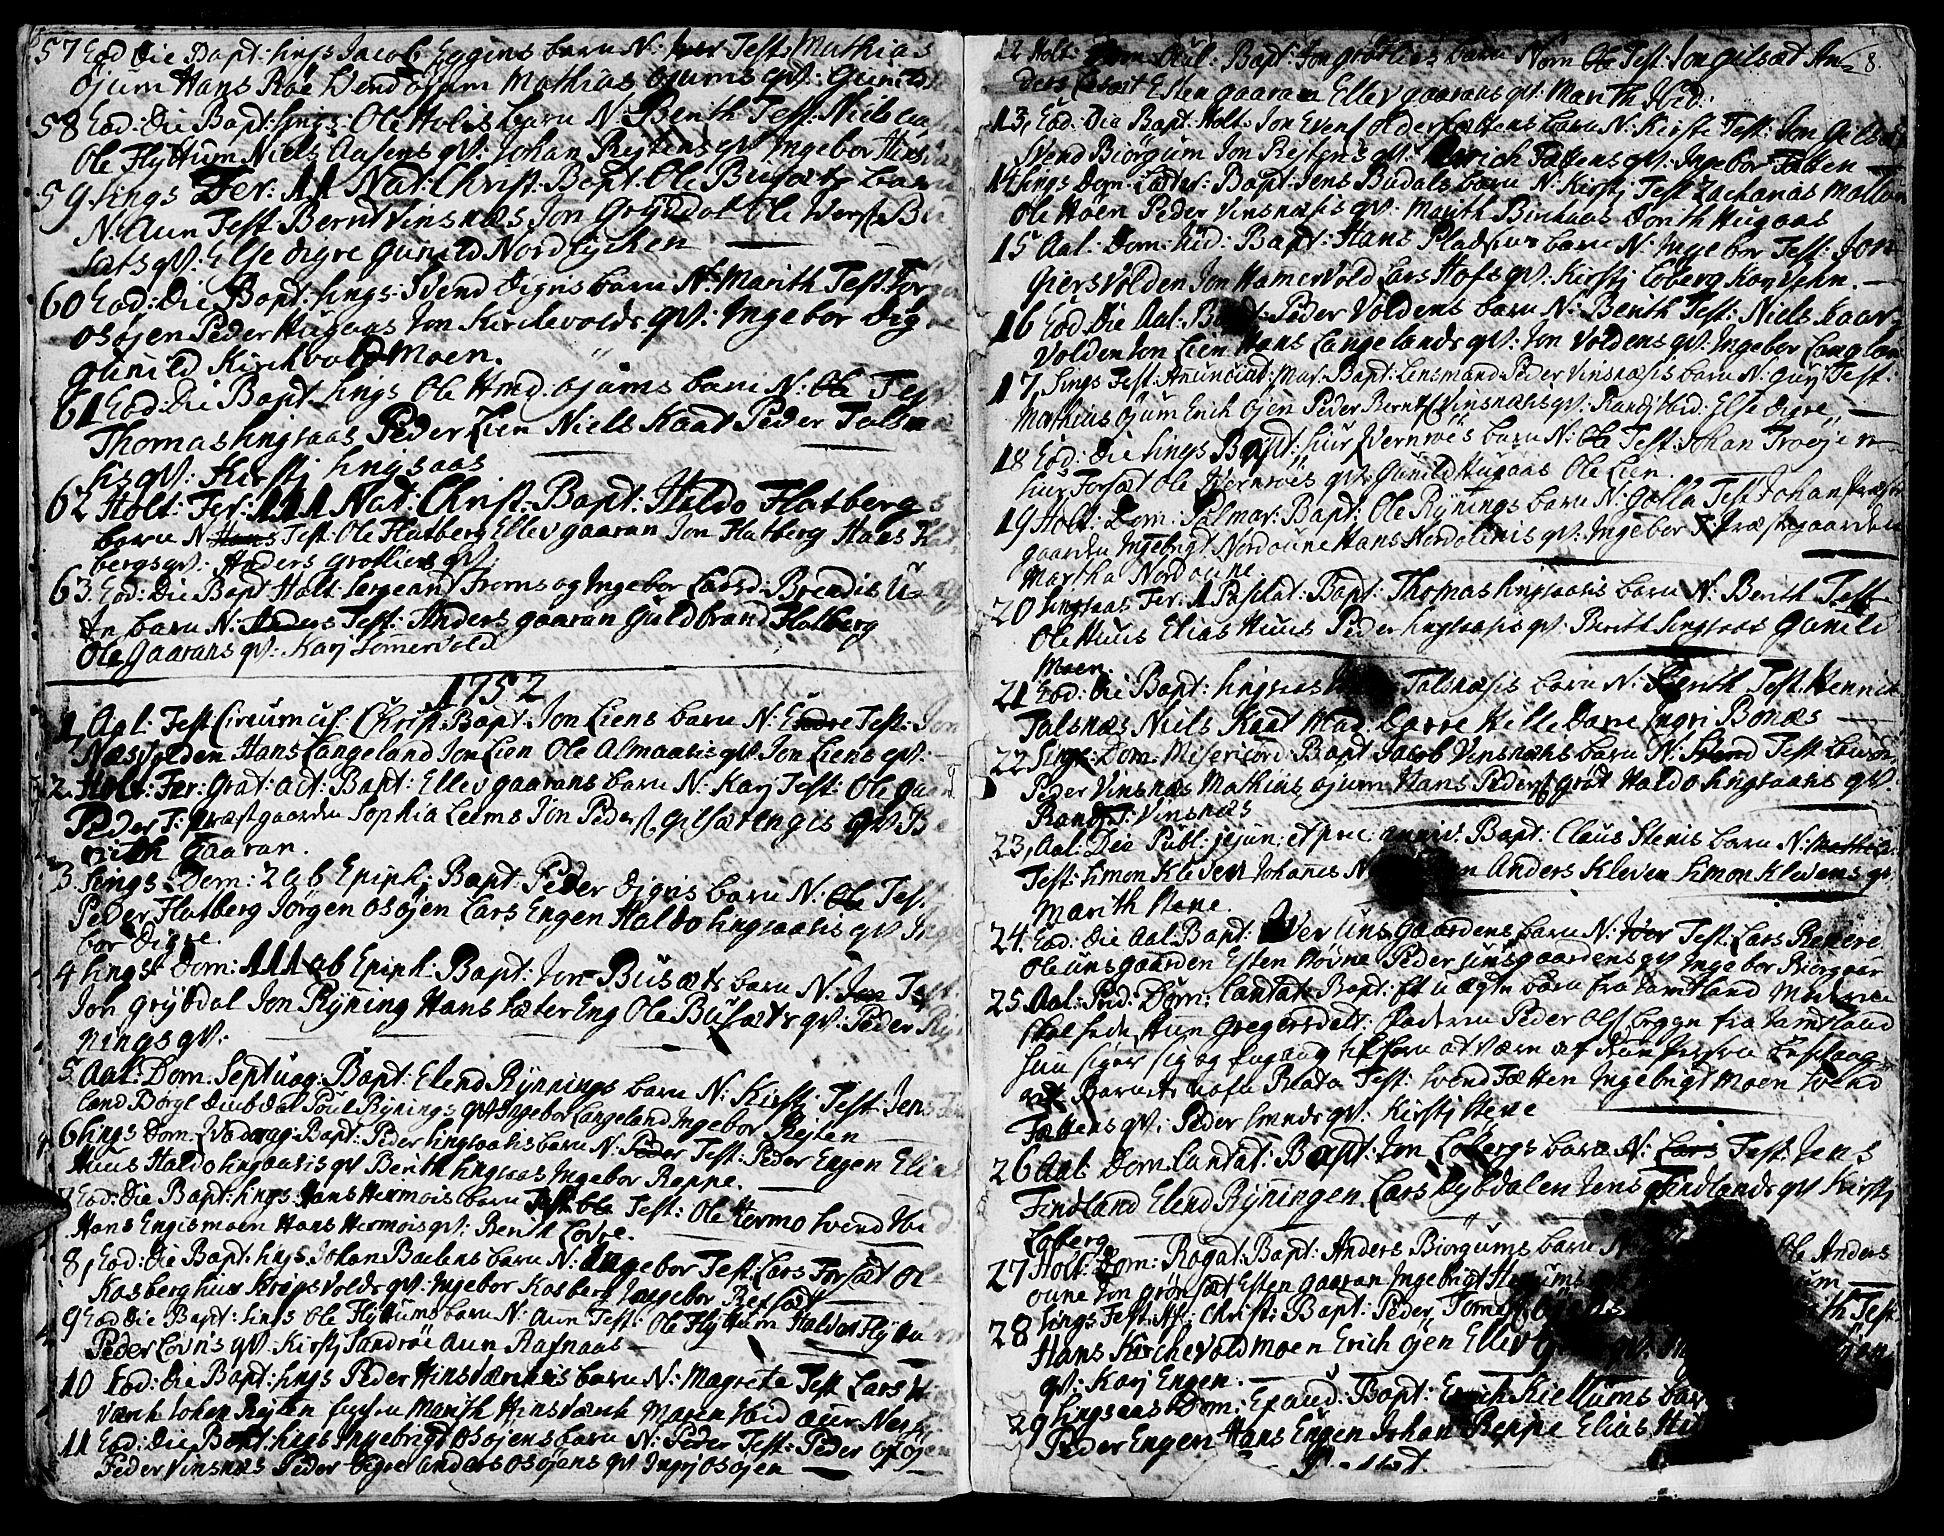 SAT, Ministerialprotokoller, klokkerbøker og fødselsregistre - Sør-Trøndelag, 685/L0952: Ministerialbok nr. 685A01, 1745-1804, s. 8